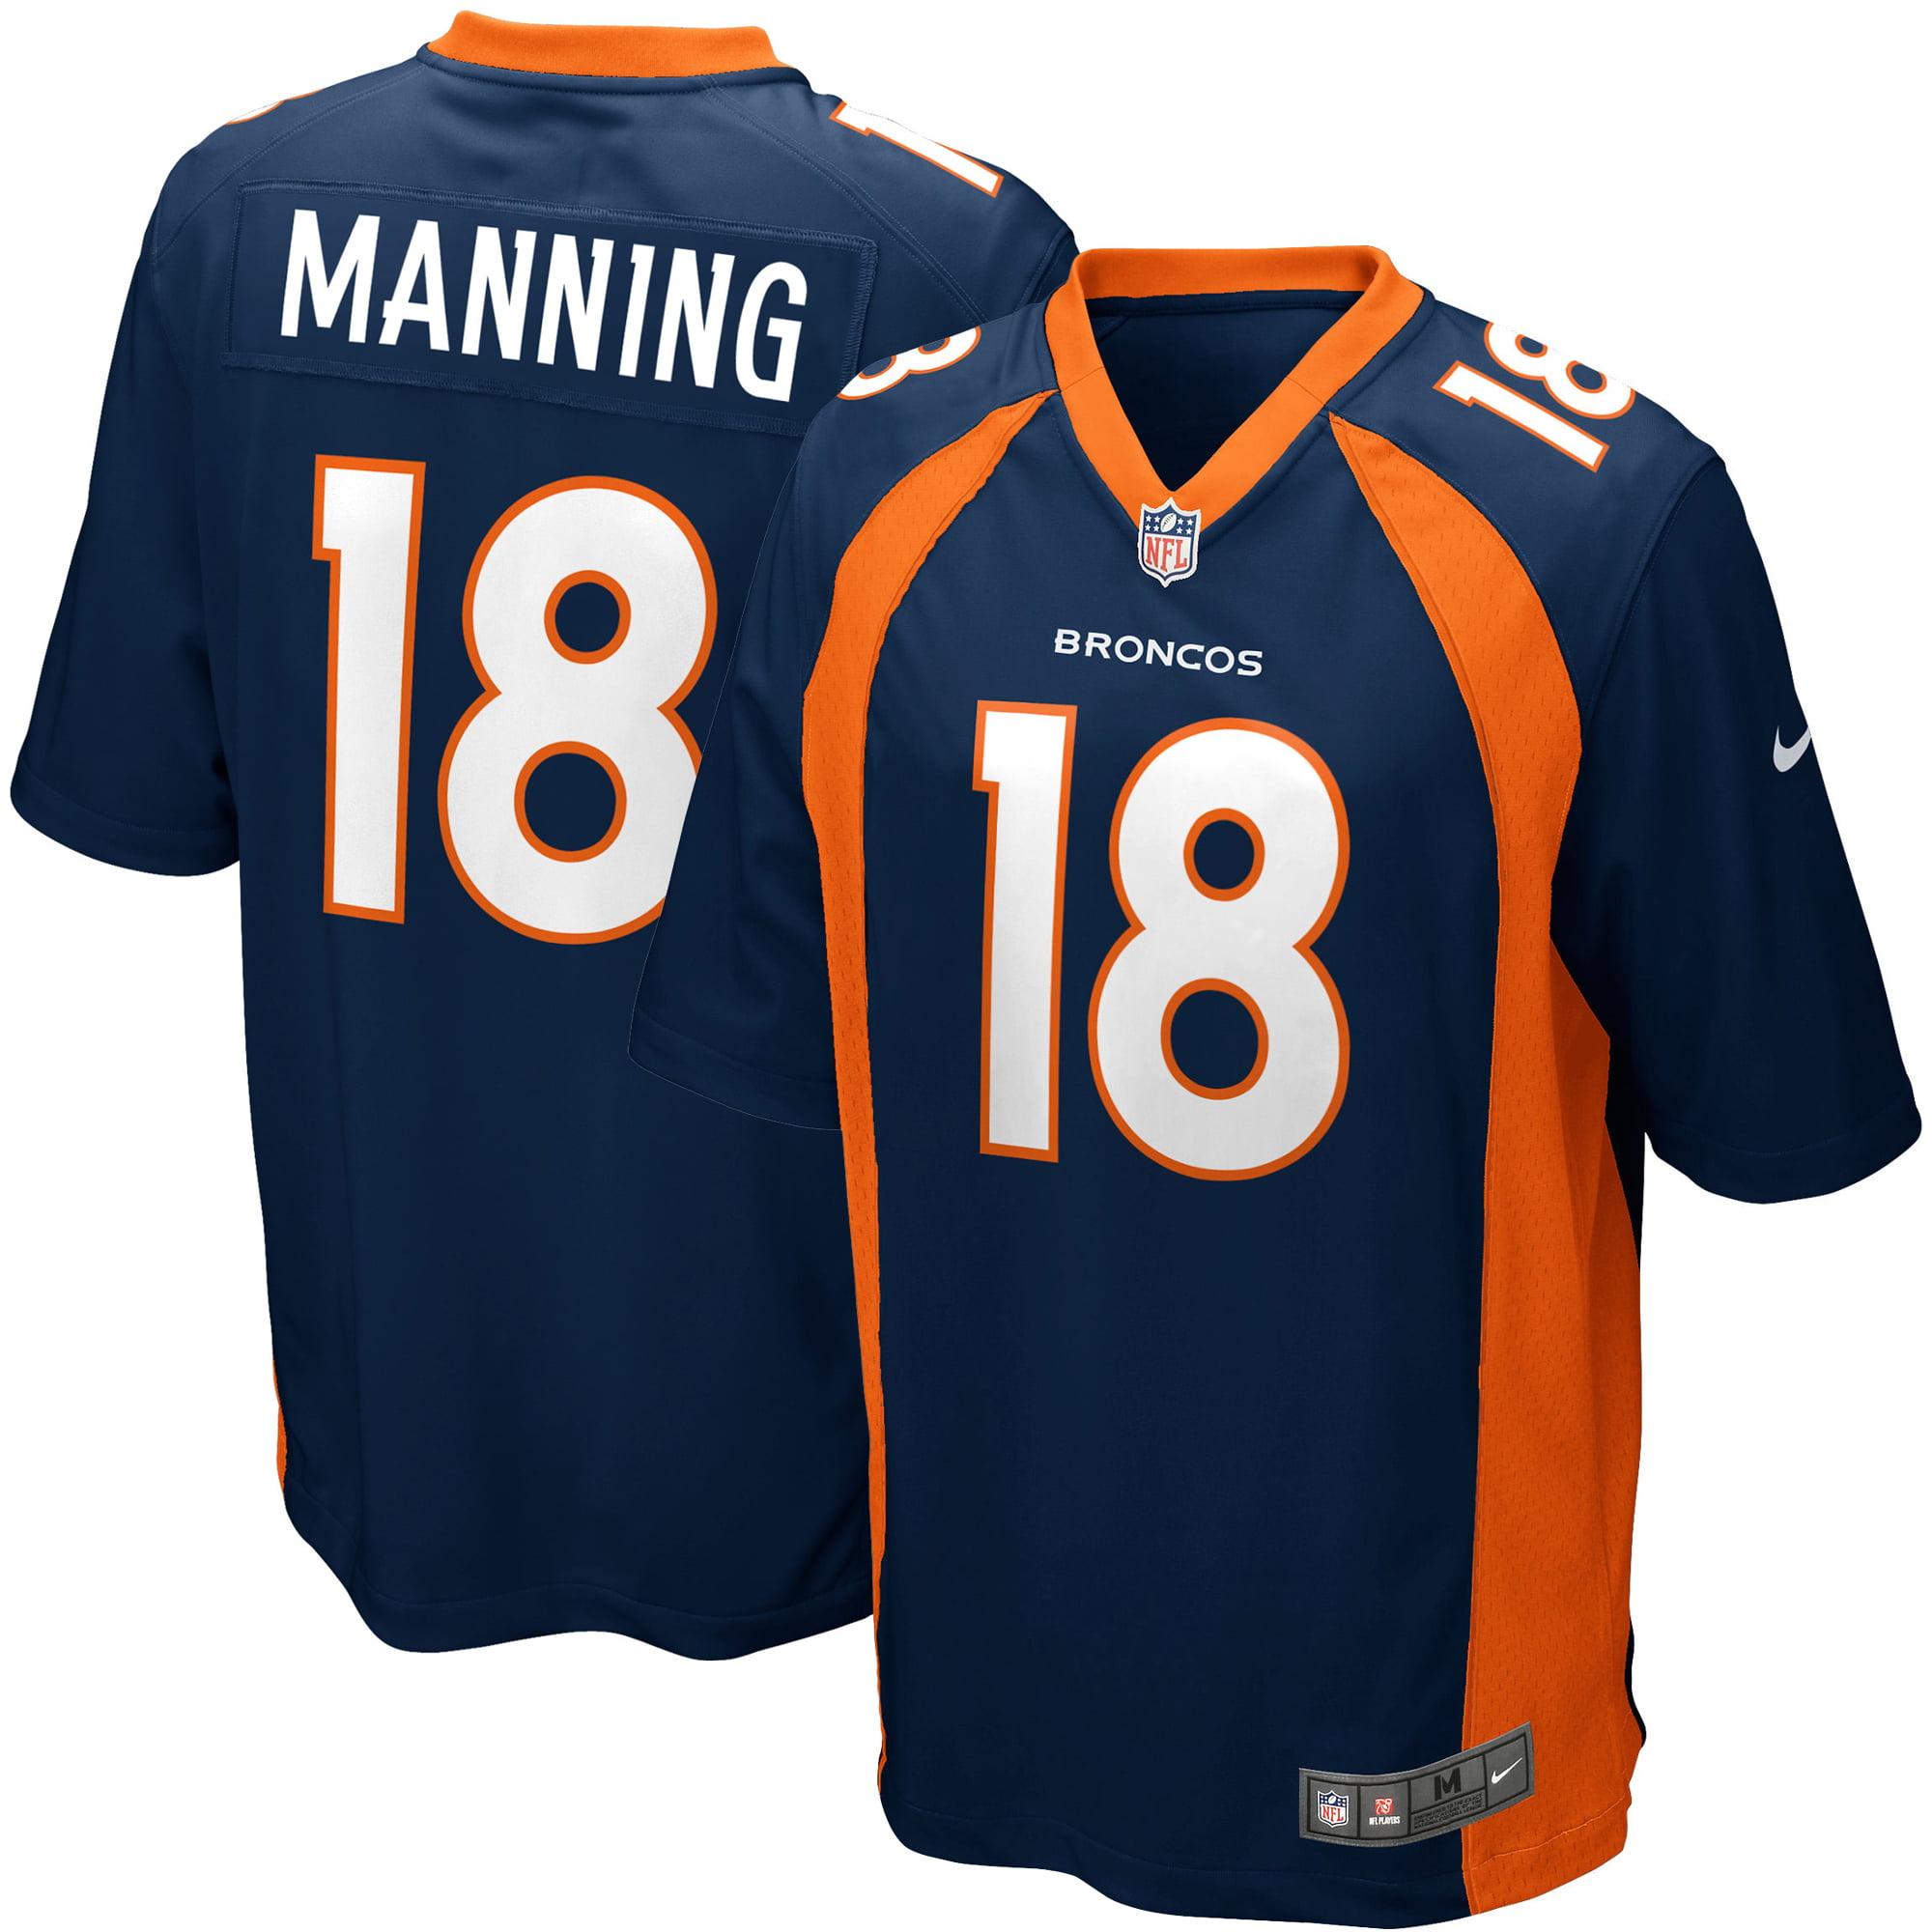 Peyton Manning Denver Broncos Nike Youth Alternate Game Jersey - Navy Blue - Yth XL